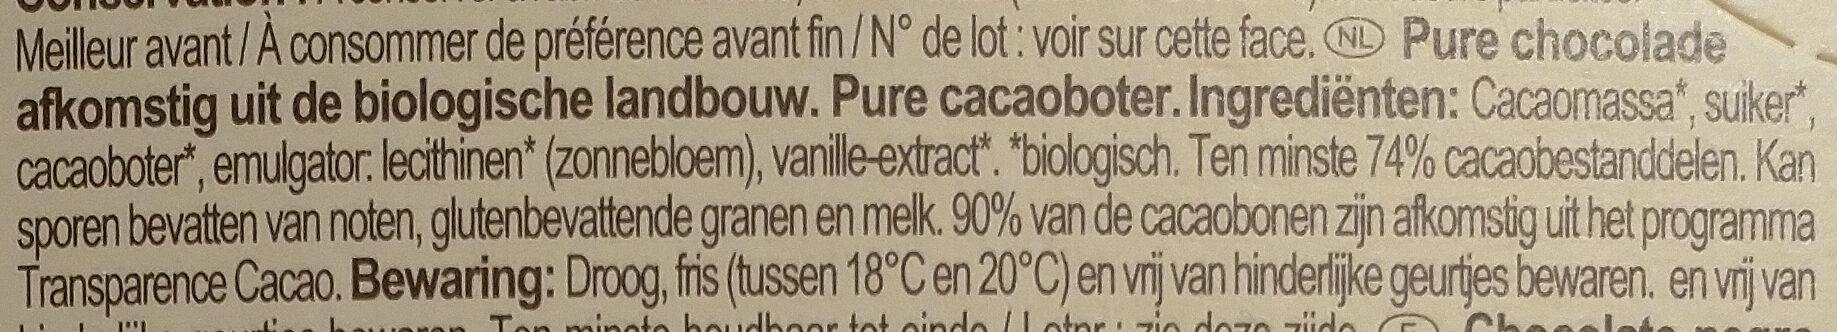 Chocolat noir - Ingrediënten - nl